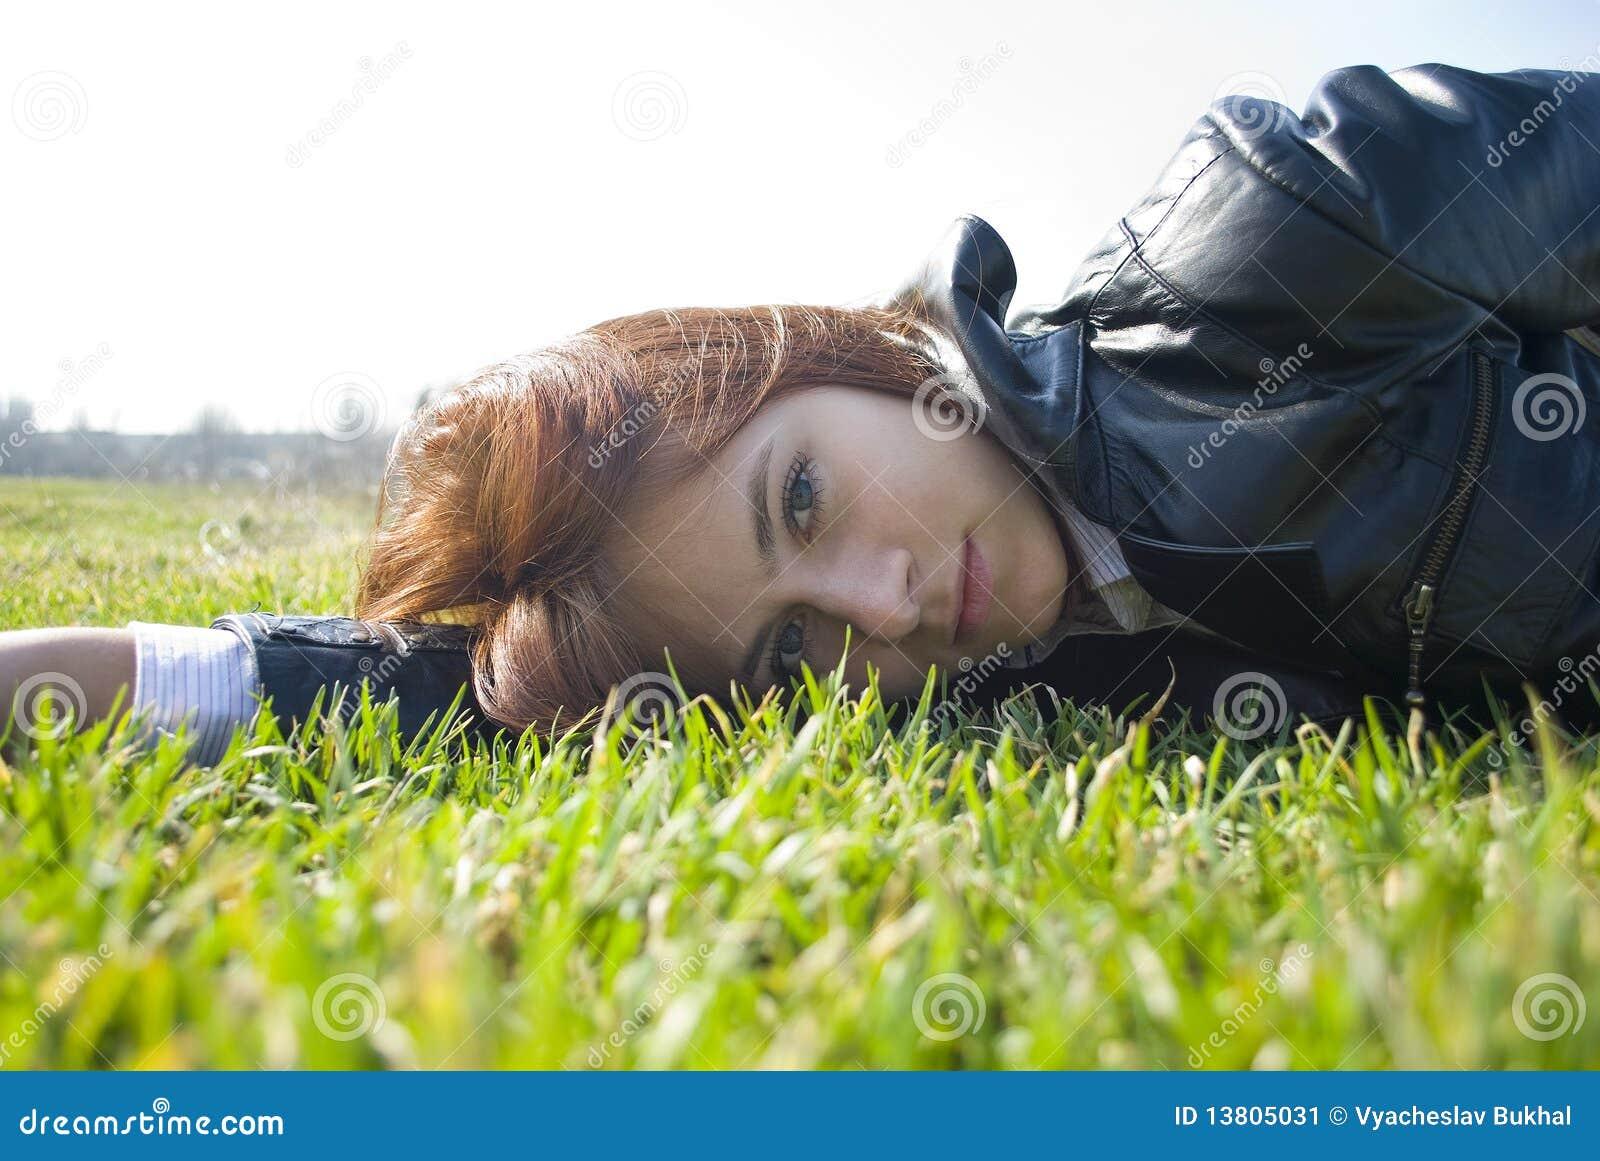 весна мечтательного свежего взгляда девушки лежа